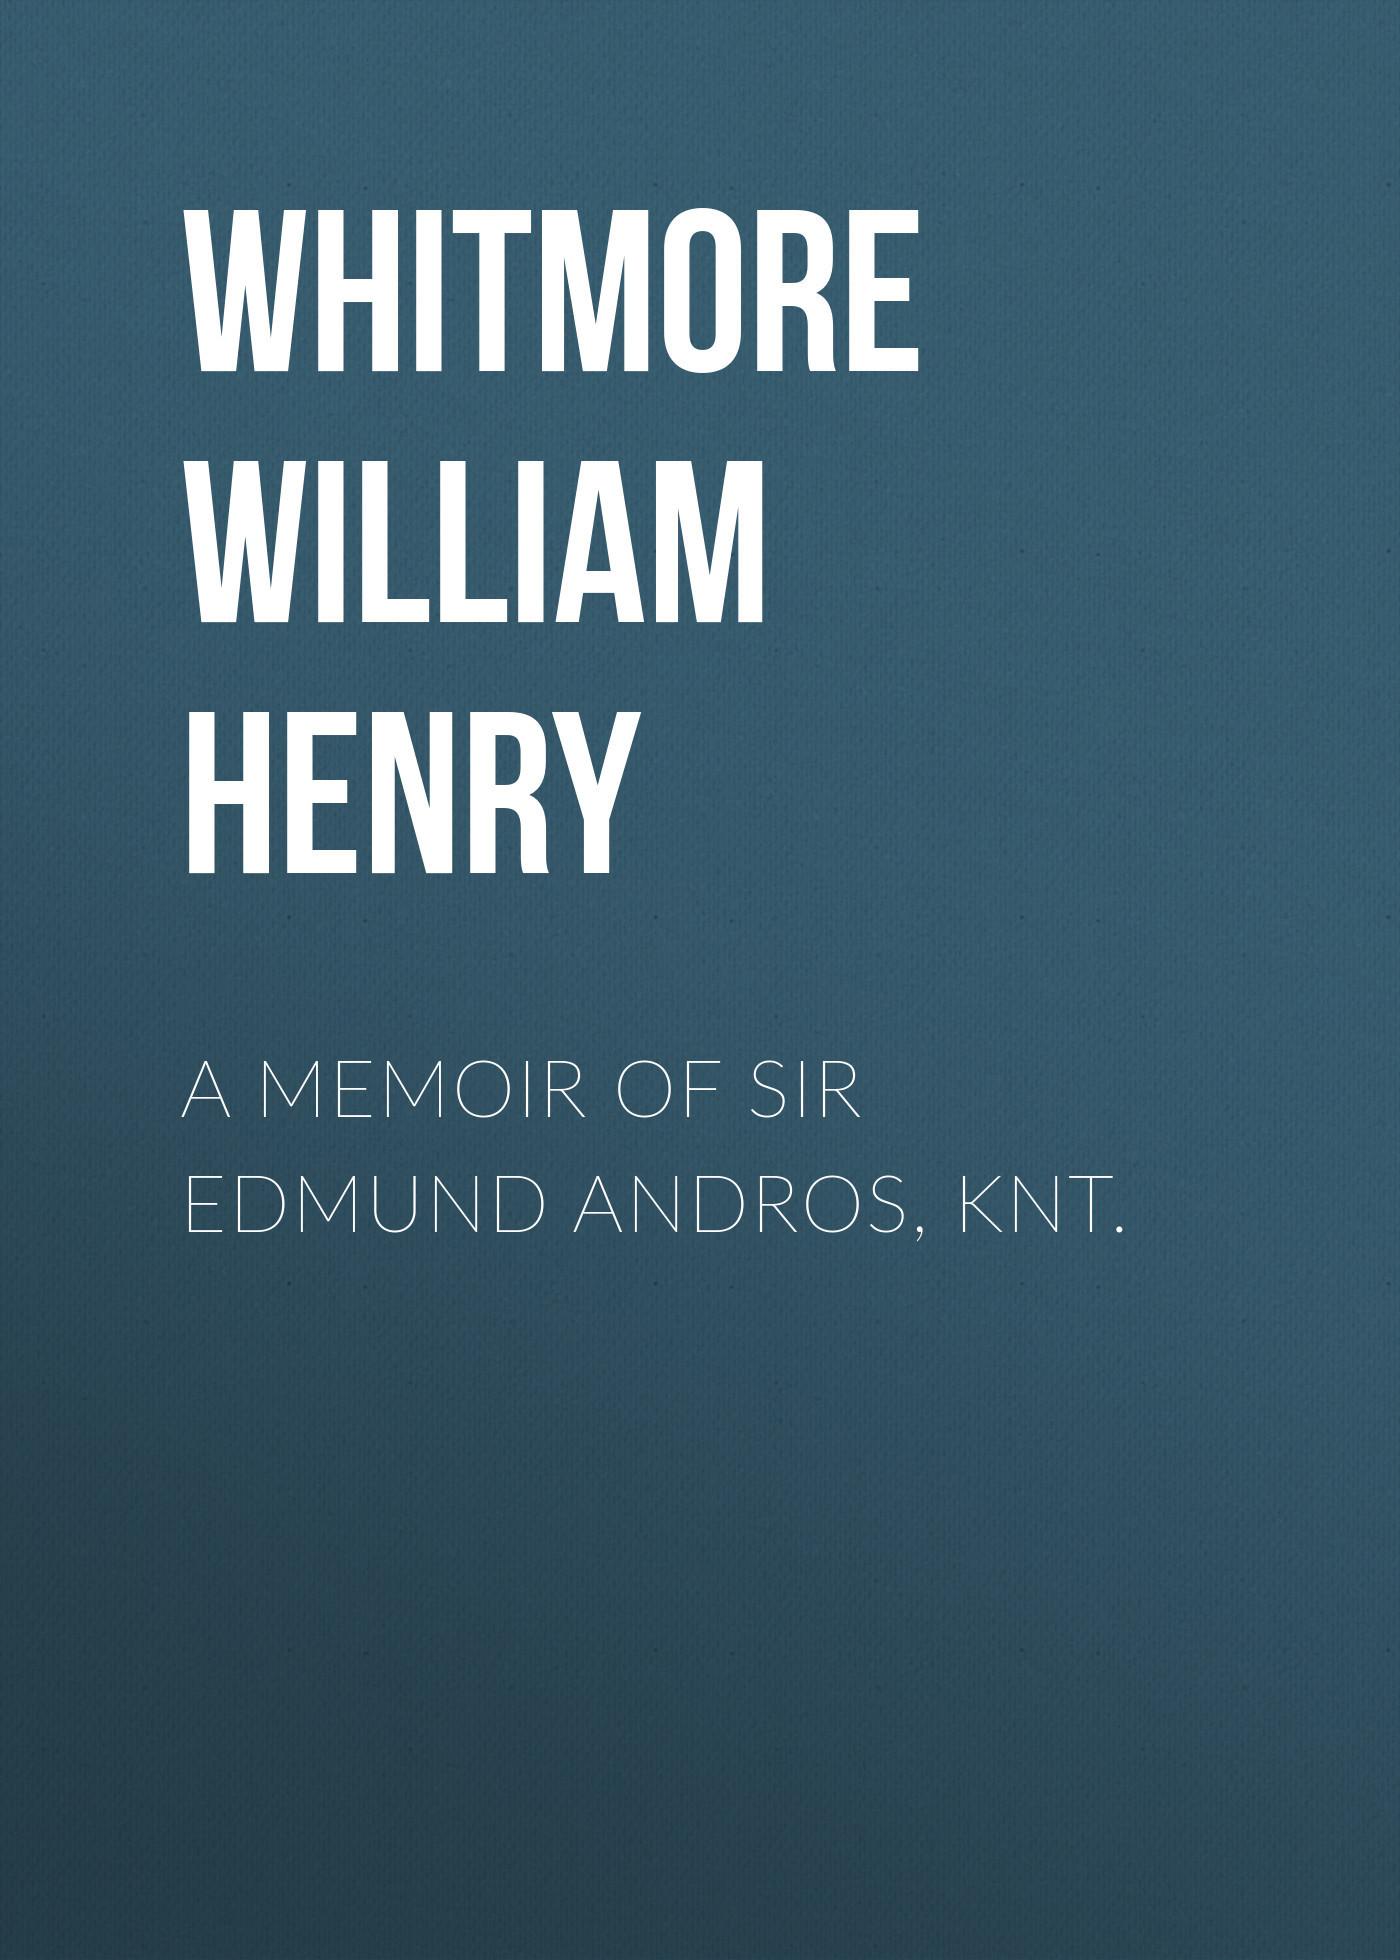 Whitmore William Henry A Memoir of Sir Edmund Andros, Knt. idea man a memoir